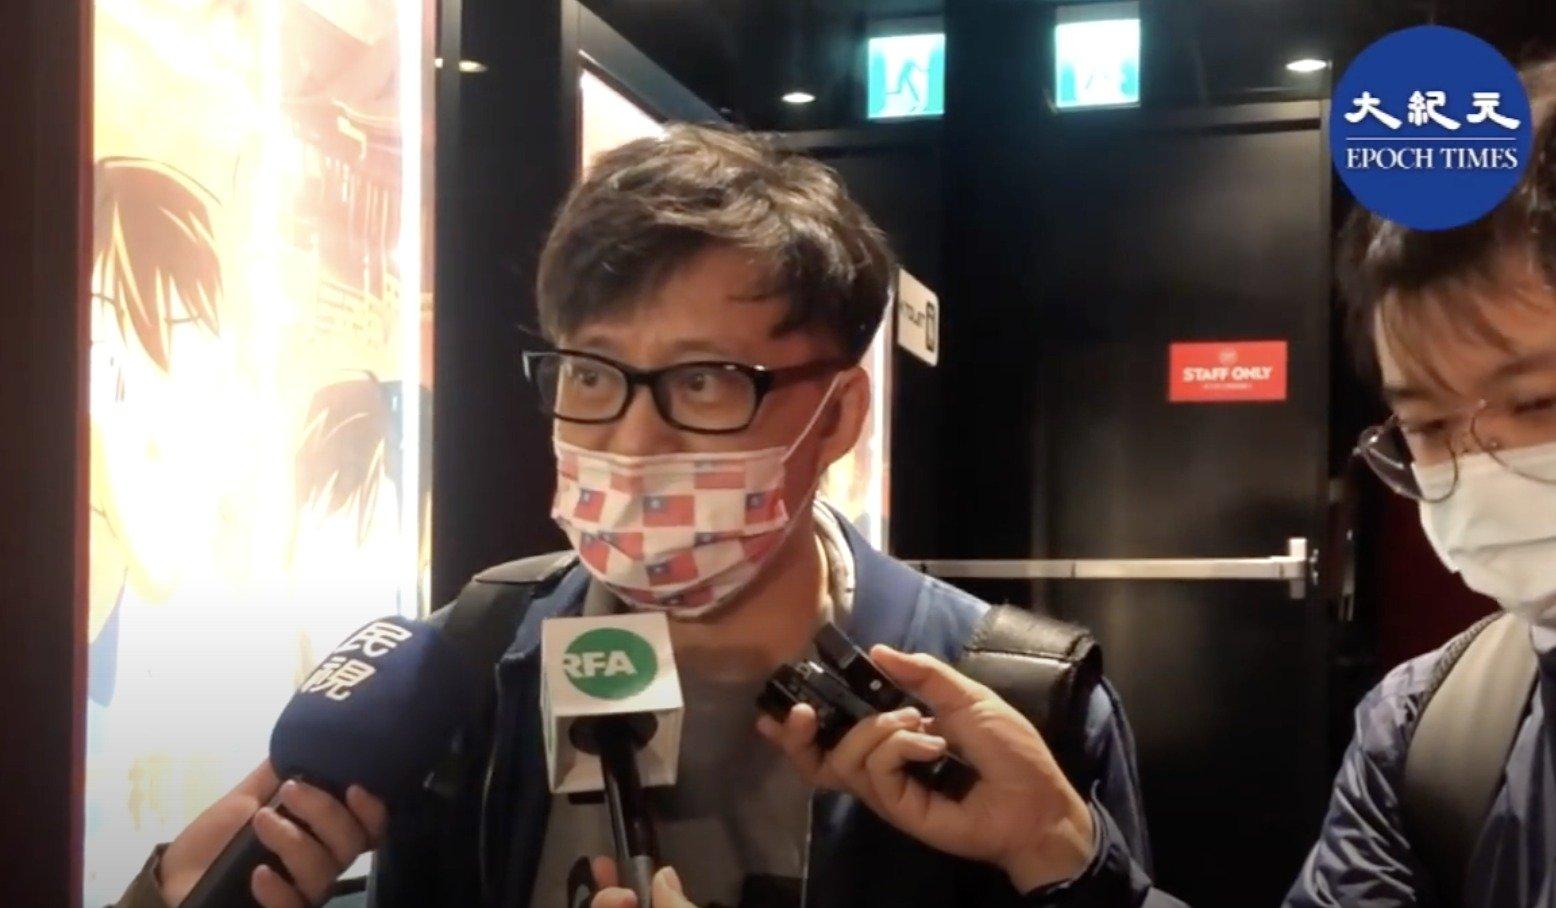 林夕12日出席台灣活動後表示,當初民主派議員留任就已經從民選變成委任,會有今天的DQ一點也不意外,選在美國大選後出招即是撕破臉皮。(圖片來源:大紀元影片截圖)